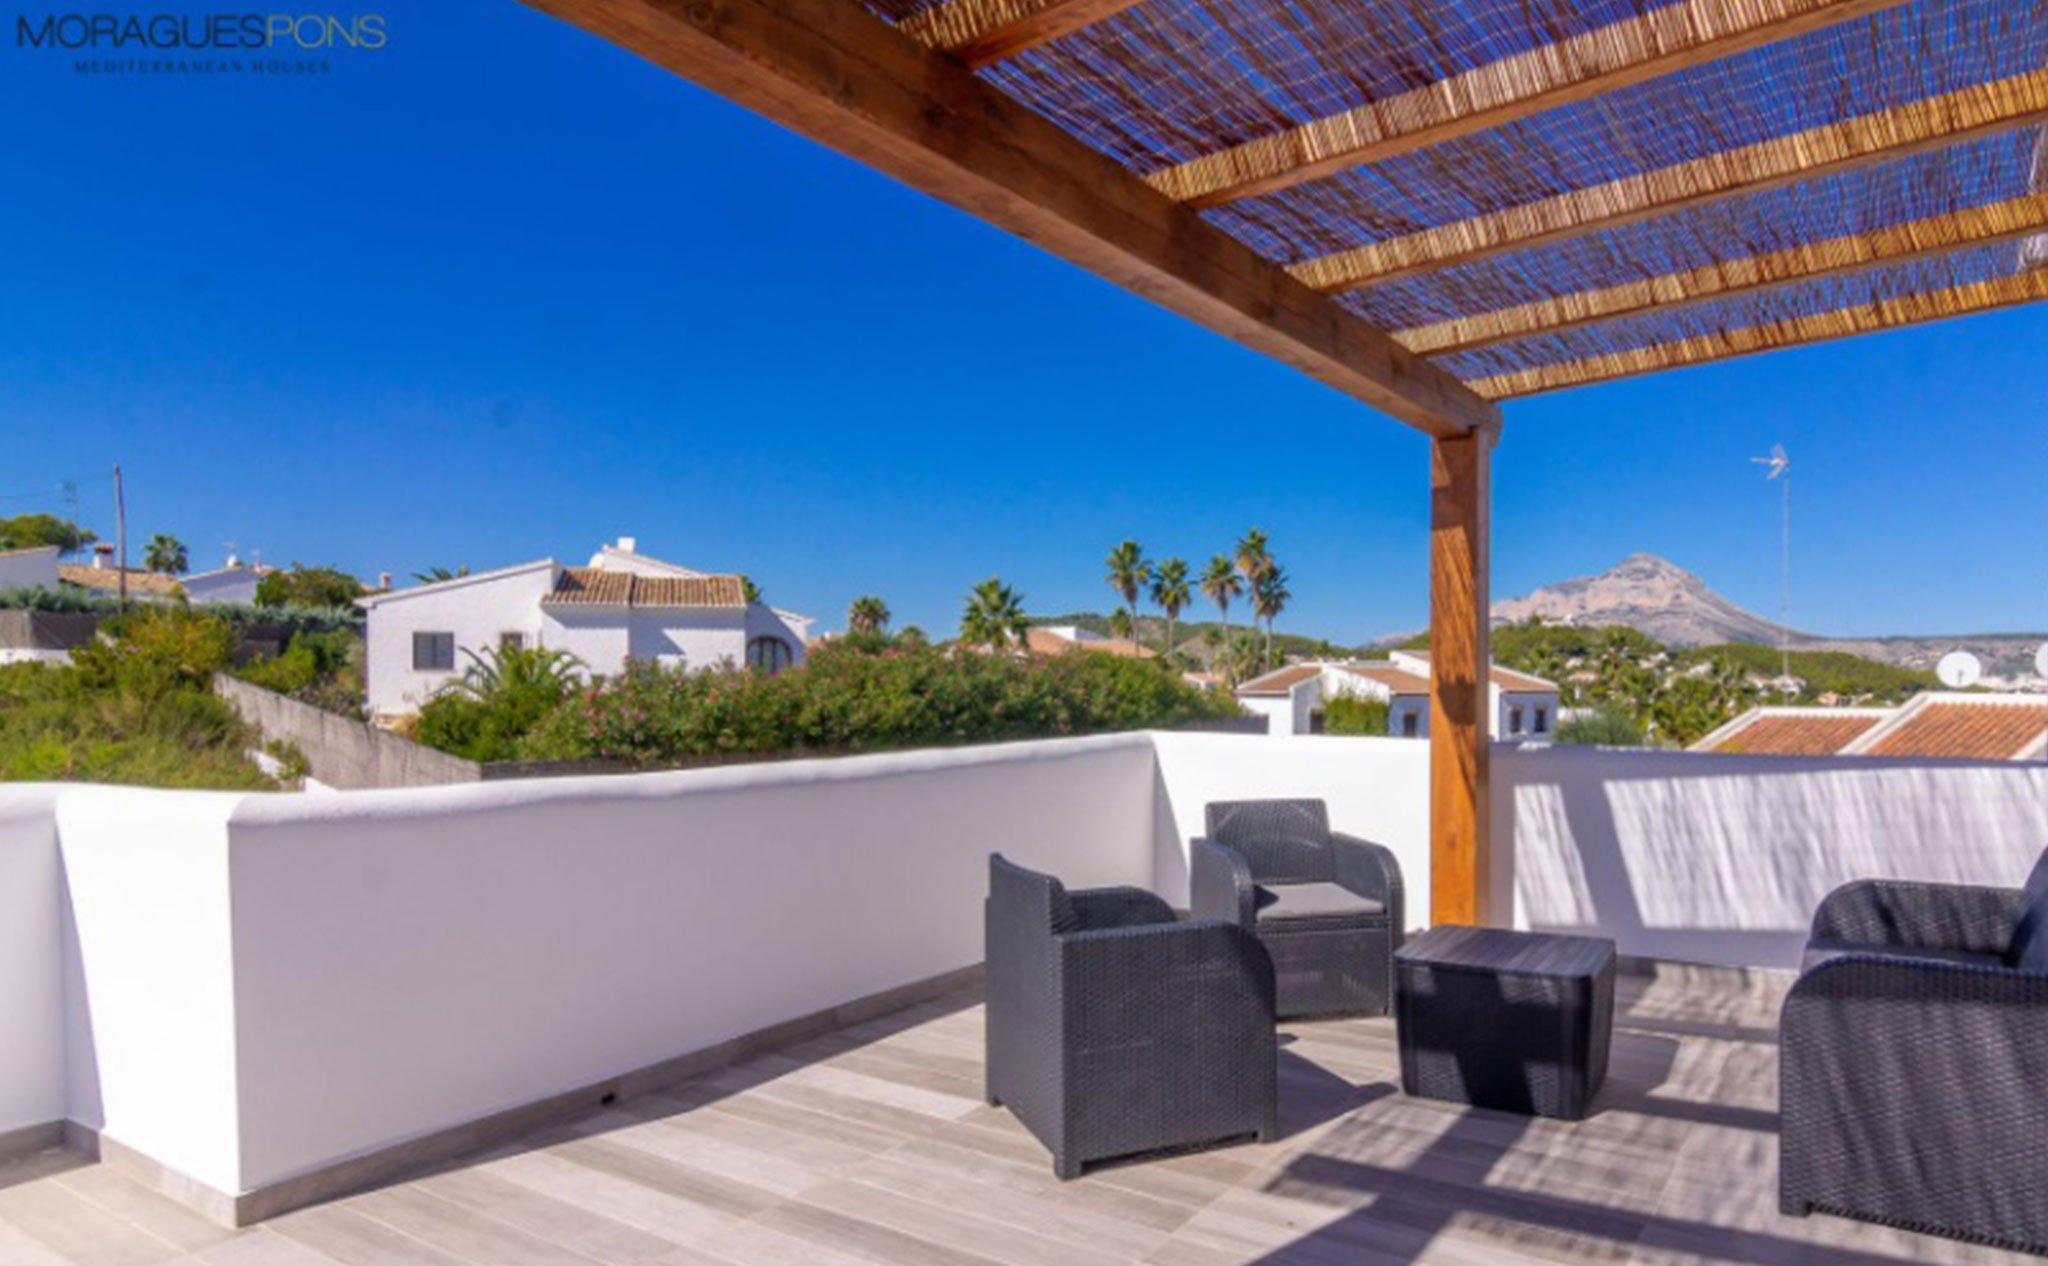 Terraza con vistas en una villa en venta en Jávea en la zona de Cap Martí – Pinomar – MORAGUESPONS Mediterranean Houses